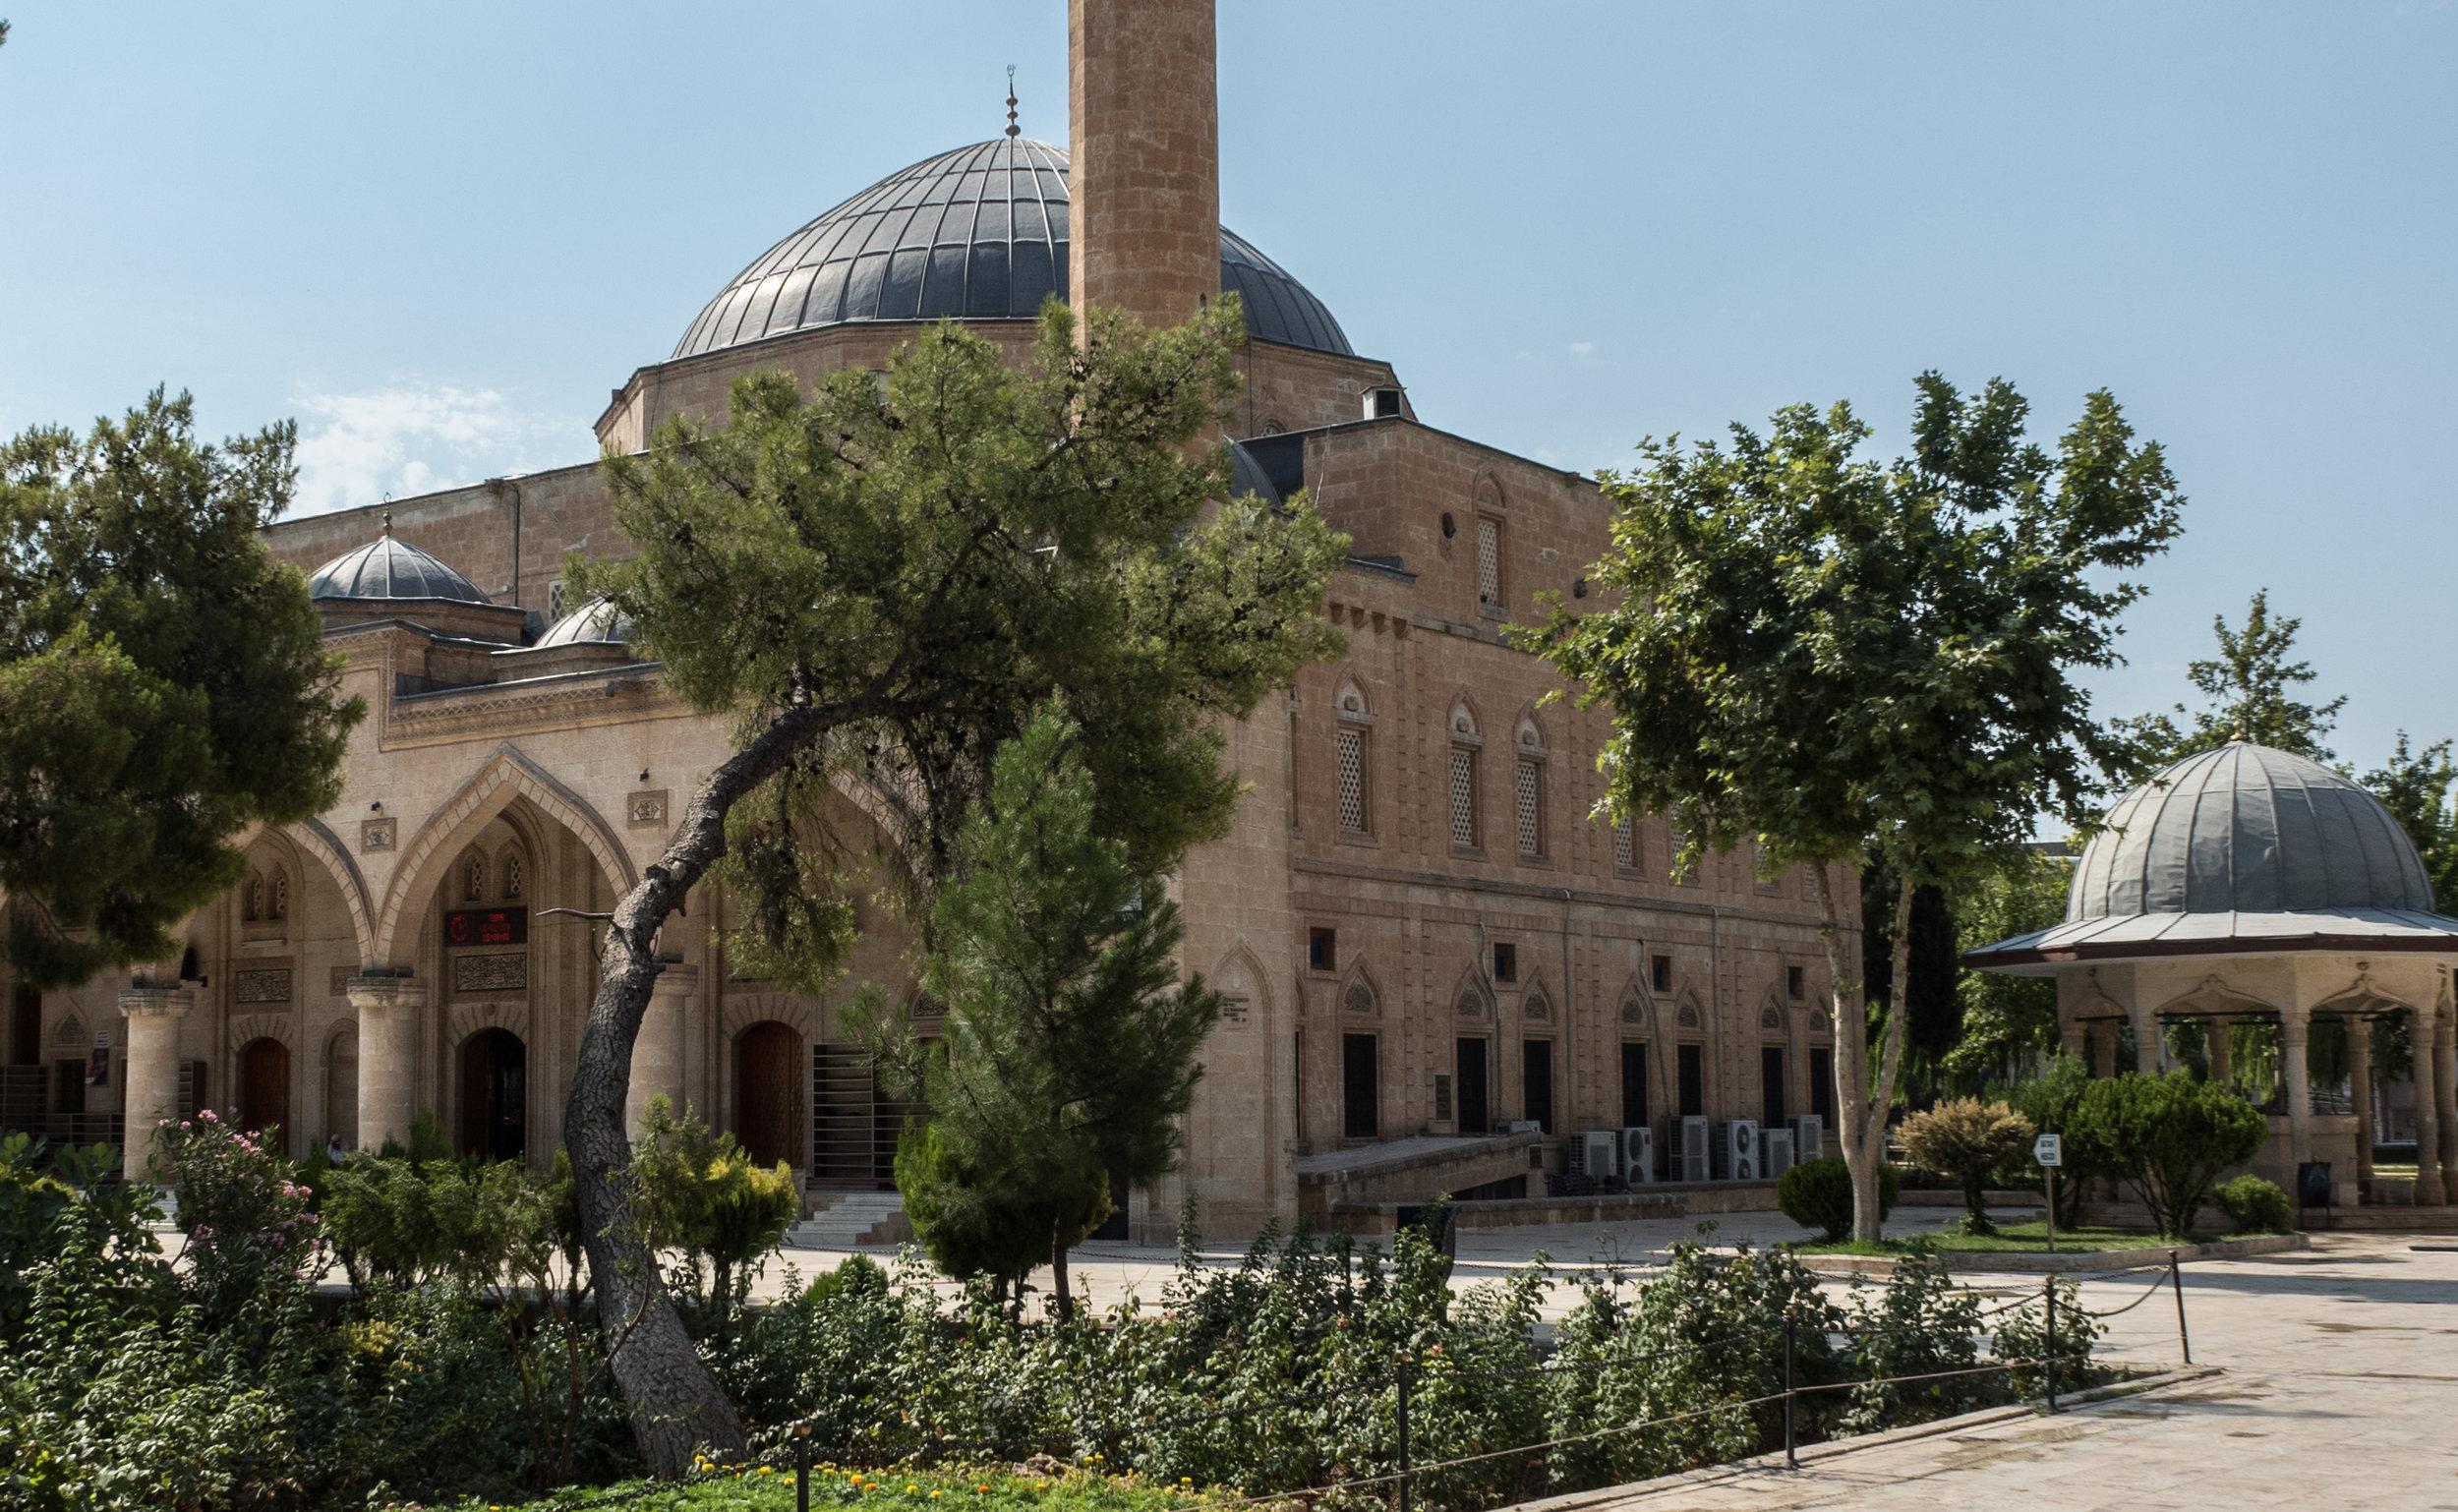 Job's Mosque